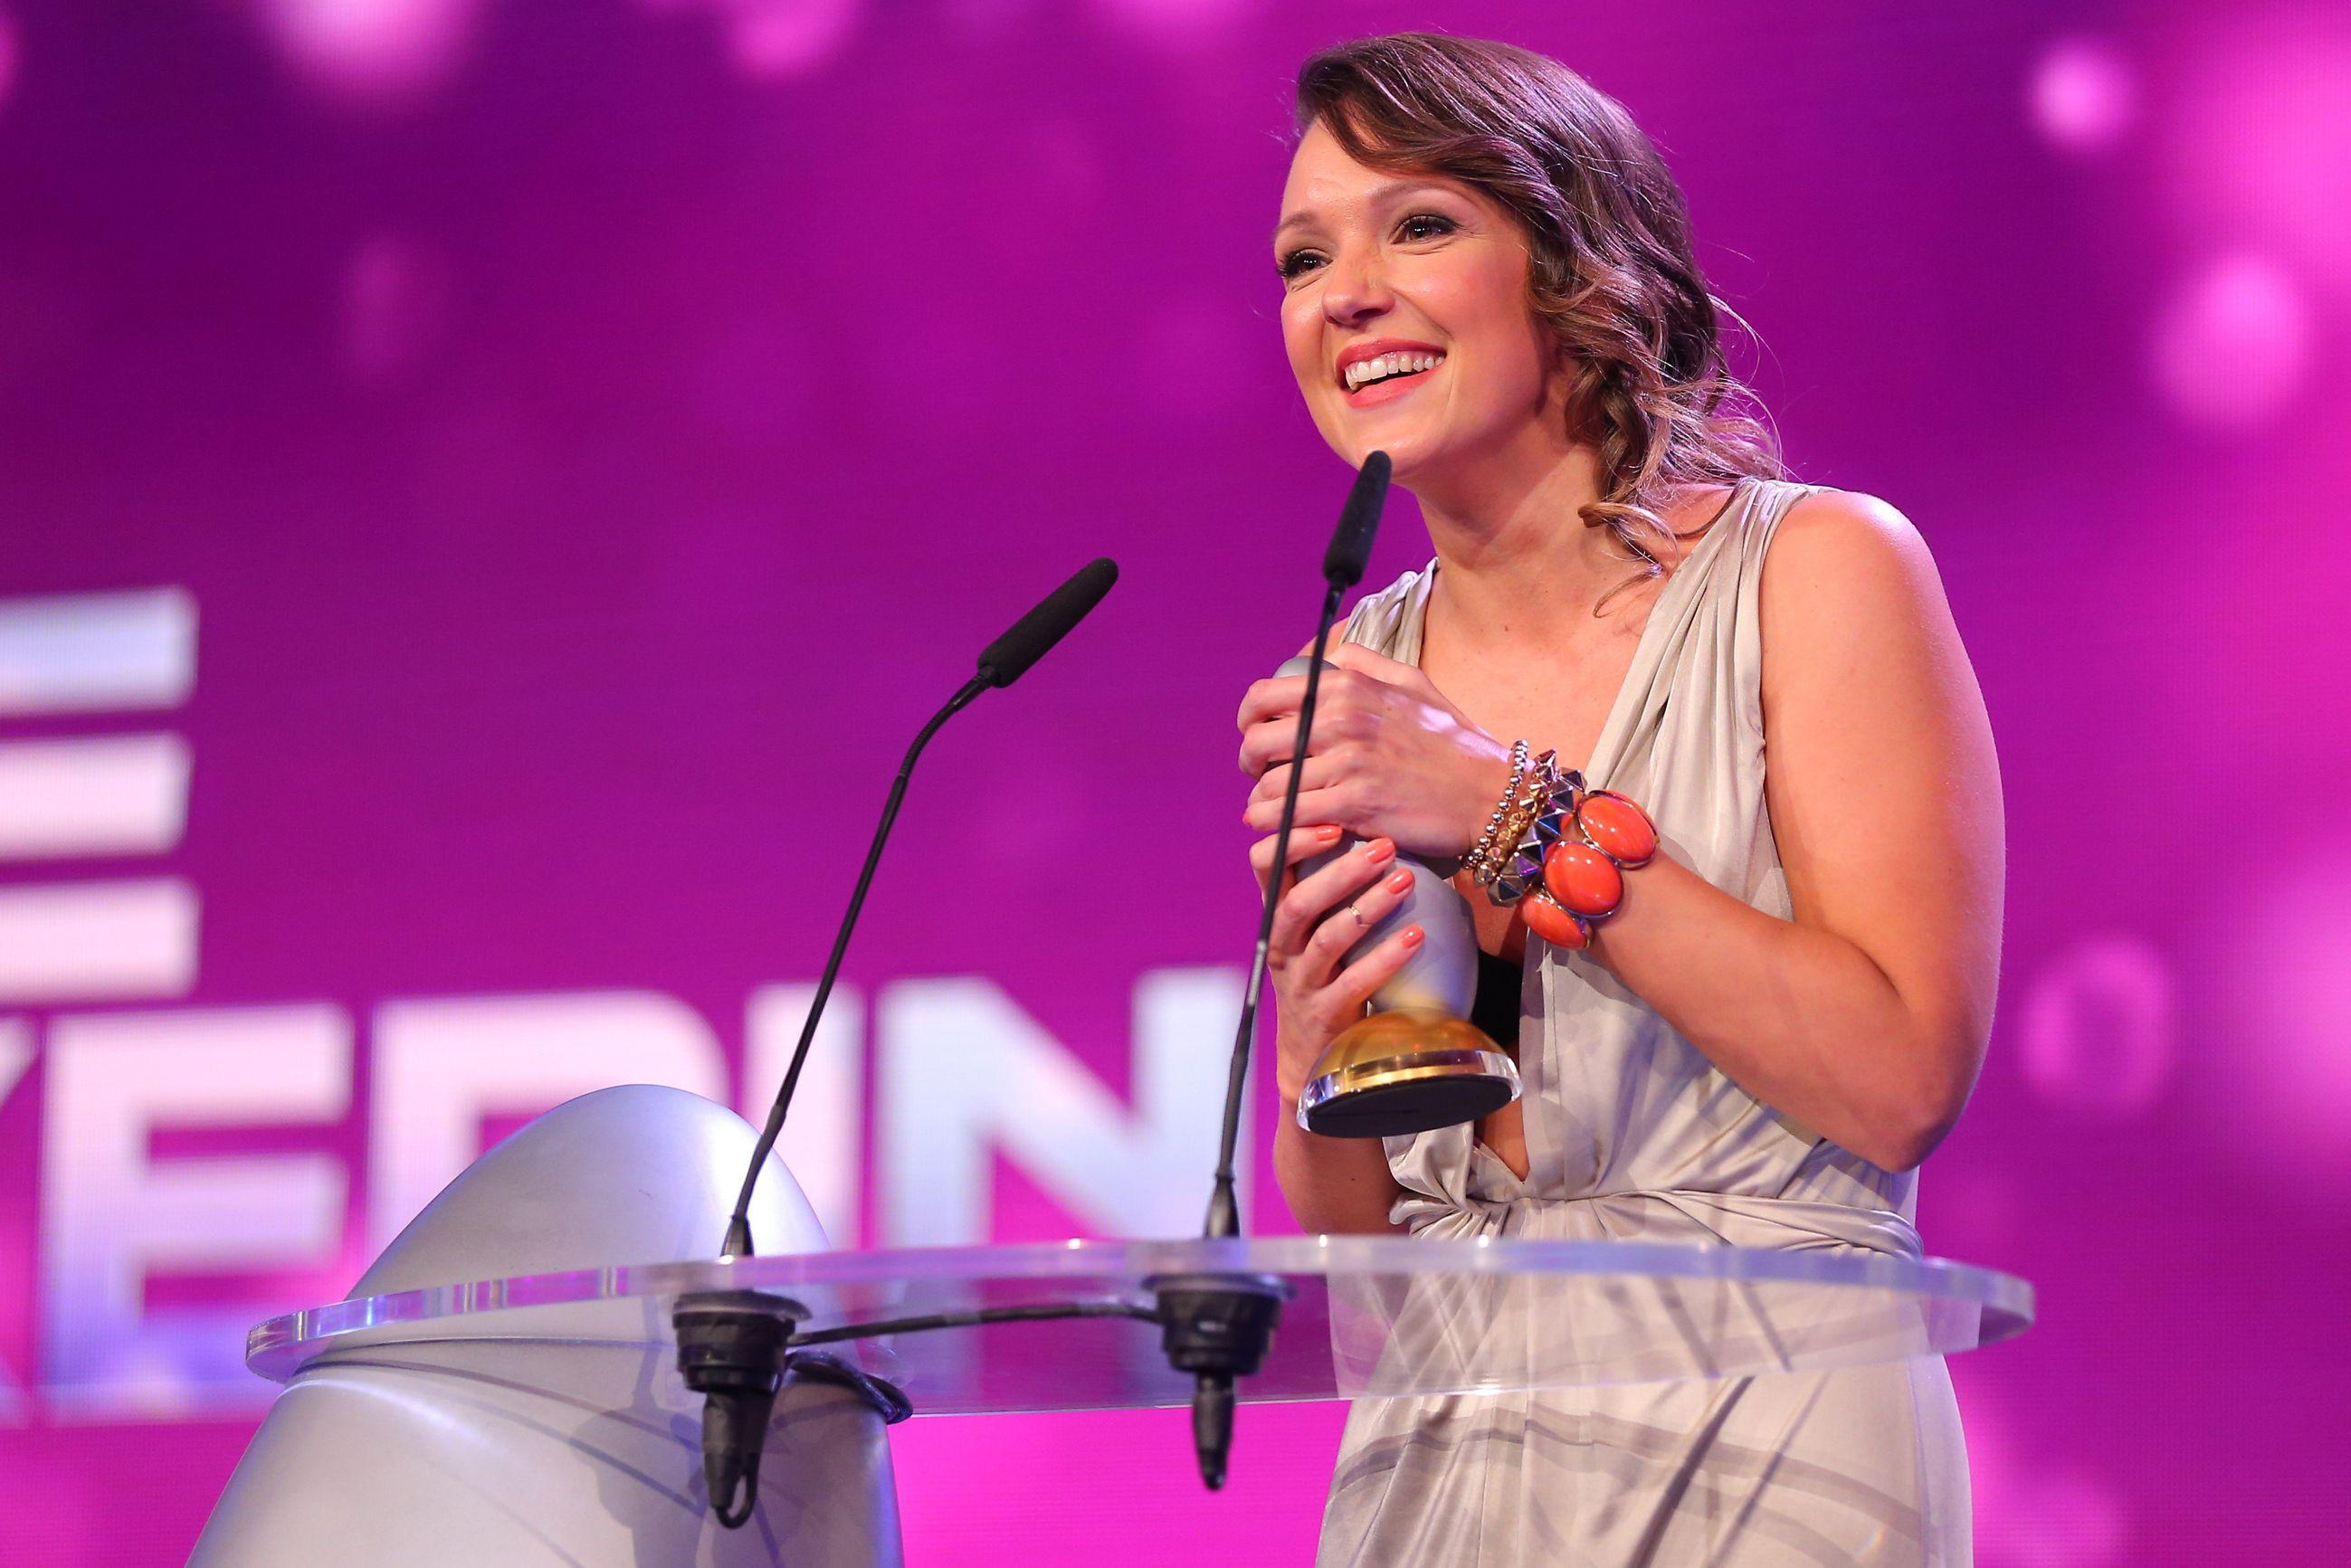 """Auch in diesem Jahr präsentierte die bekannte """"Comedypreis""""-Trägerin Carolin Kebekus die glamouröse und witzige Preisverleihung."""